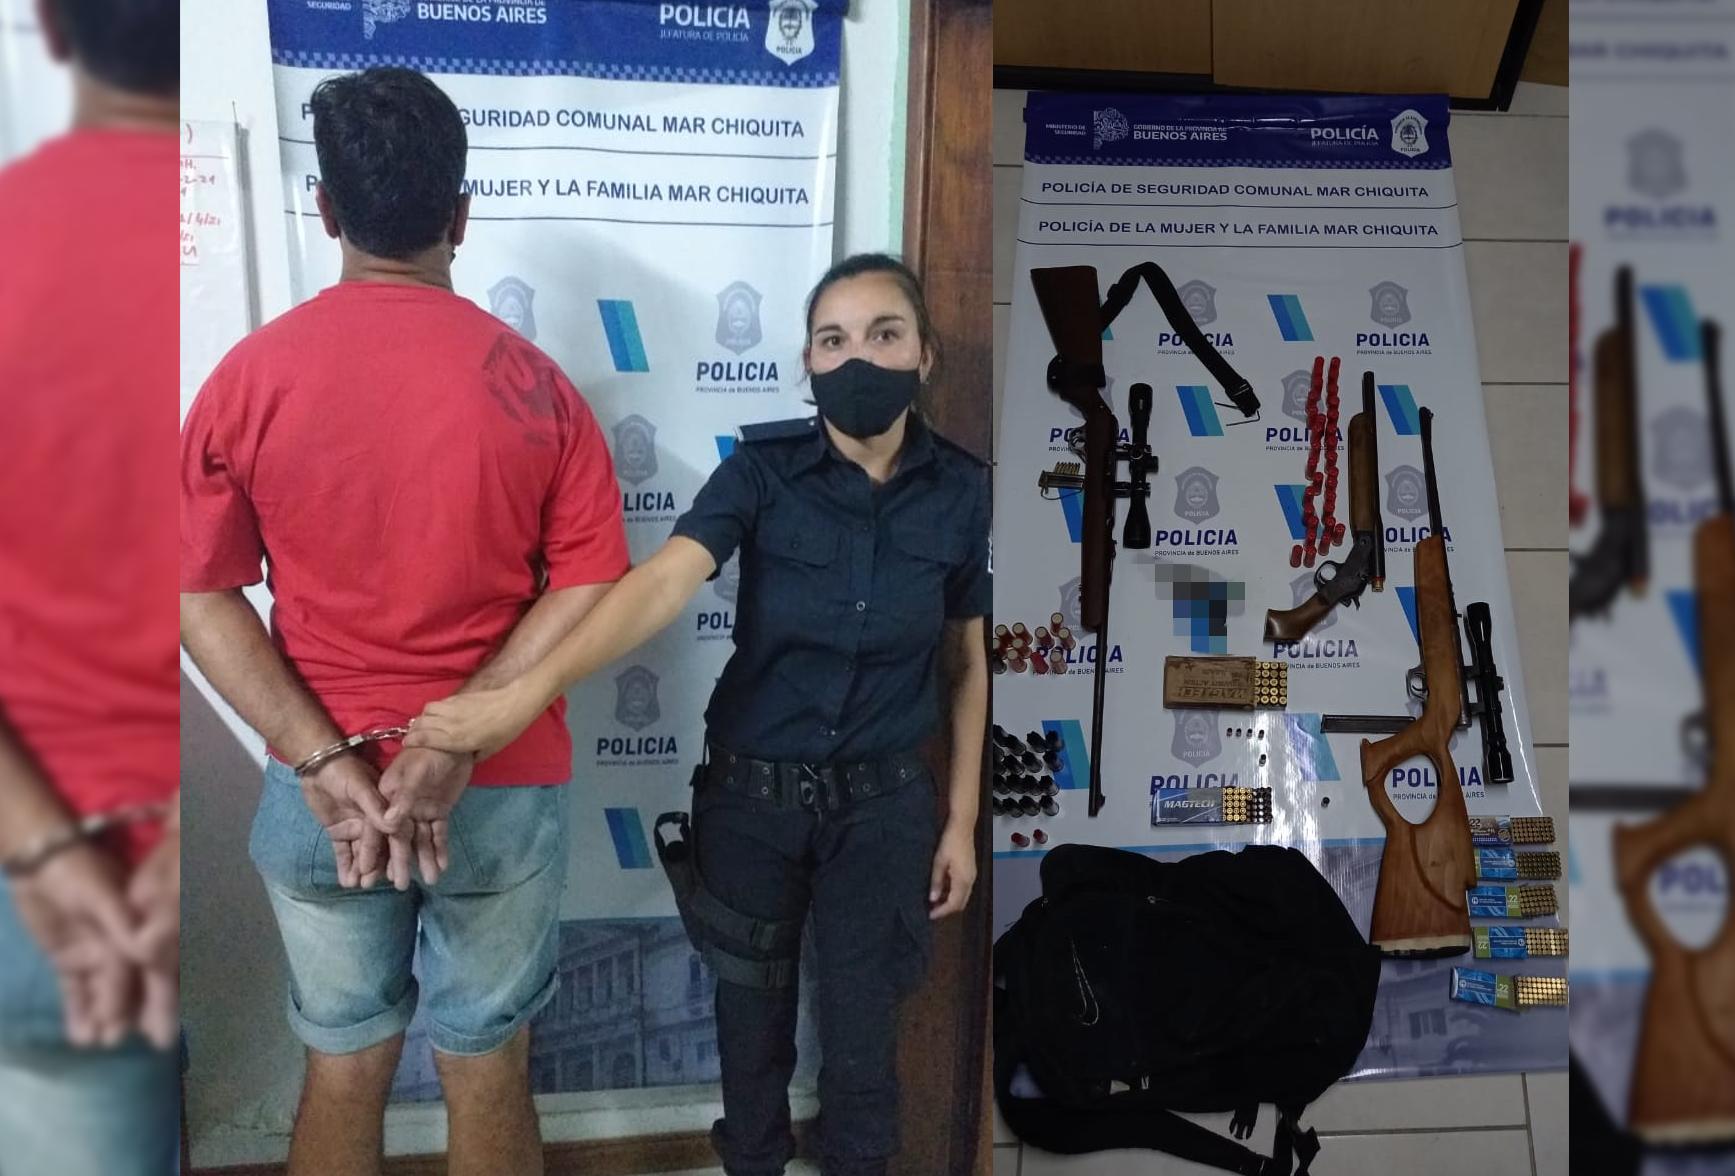 CNEL VIDAL: Un hombre amenazó a su yerno y tras un allanamiento encontraron armas en la vivienda